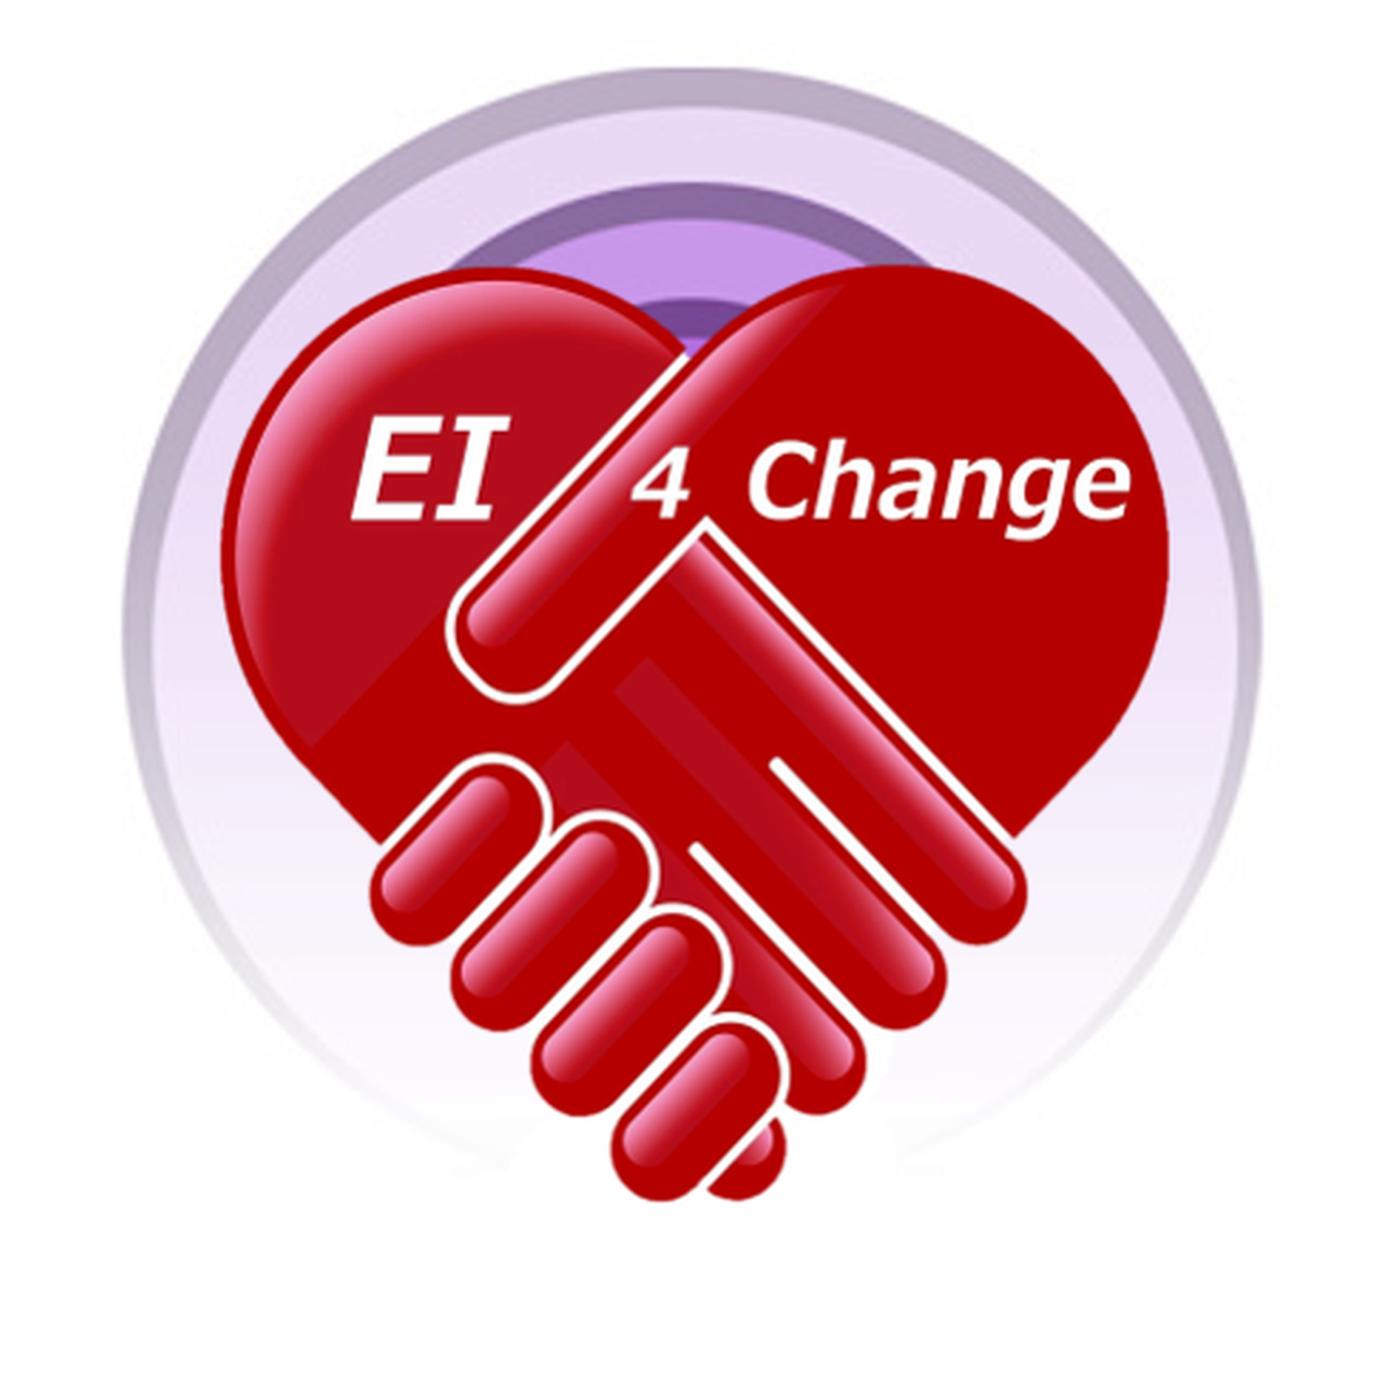 Ei 4 Change Podcasts on Emotional Intelligence